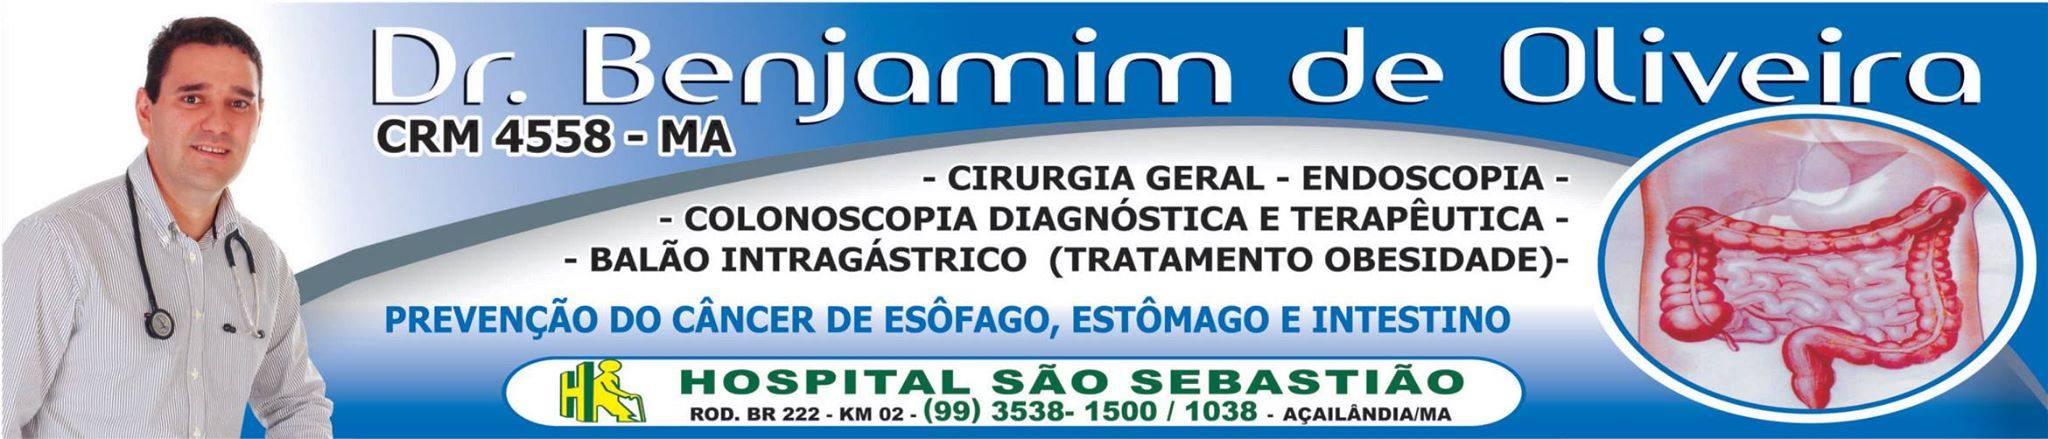 Dr. Benjamin de Oliveira